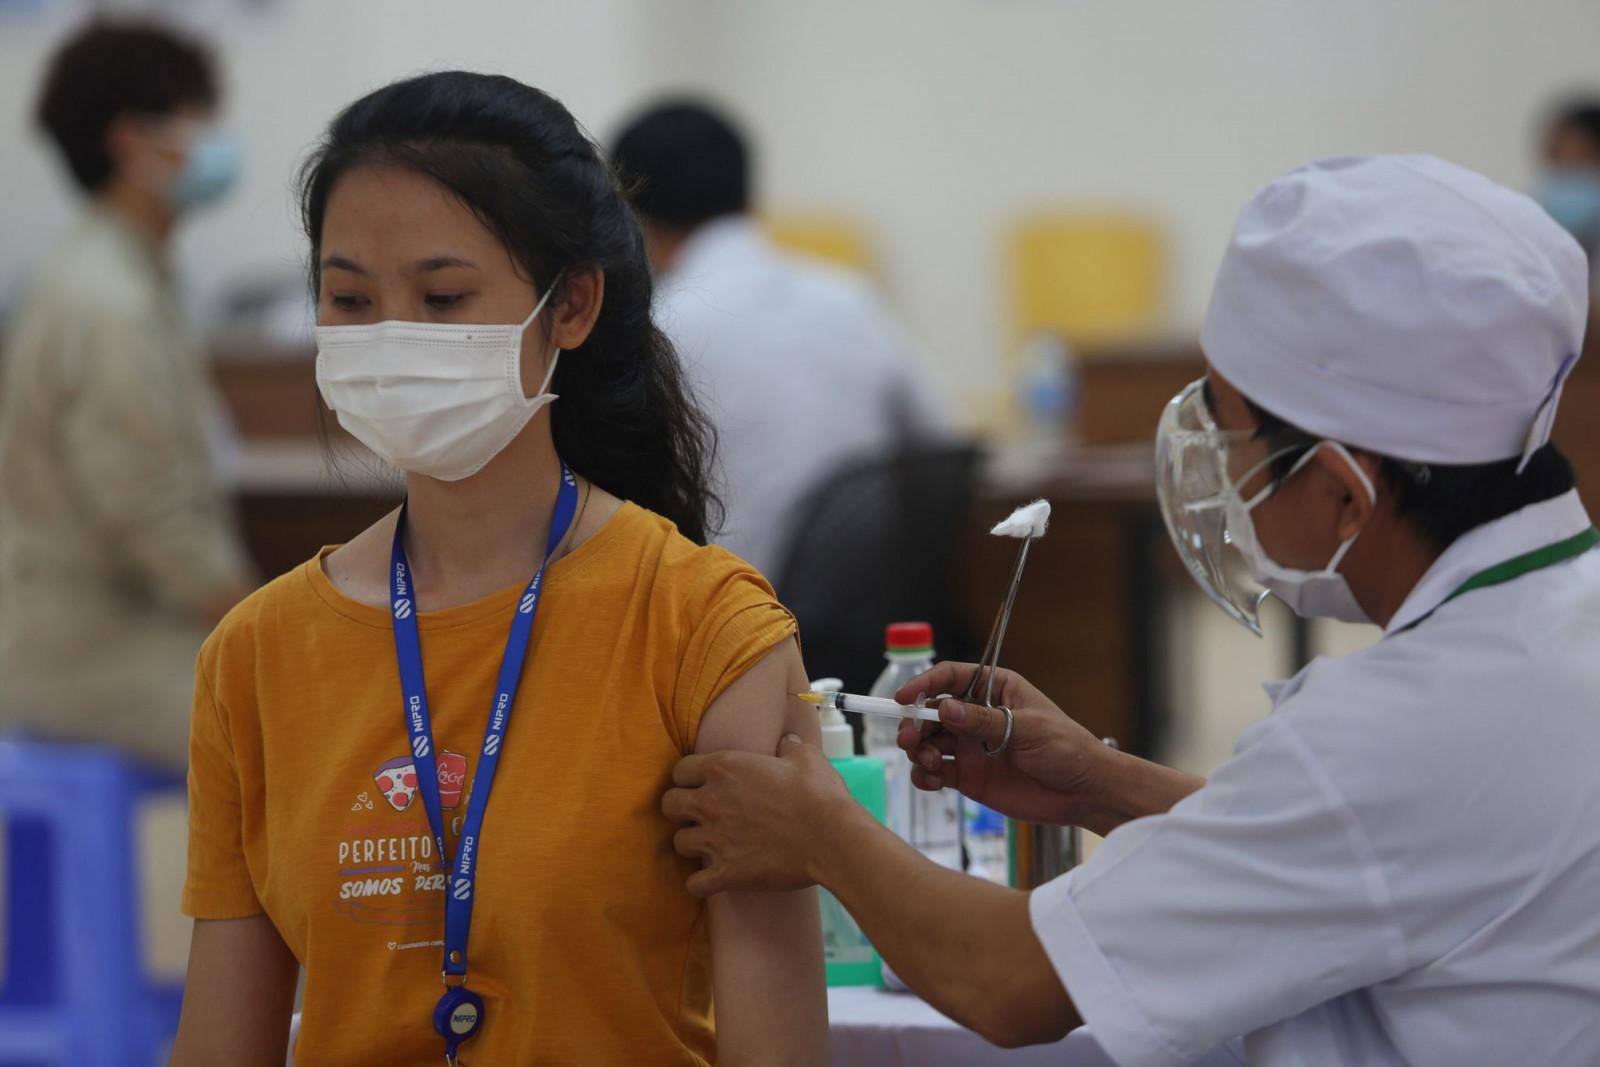 Phó Thủ tướng yêu cầu Bộ Y tế phân bổ vaccine theo đề nghị của TP.HCM